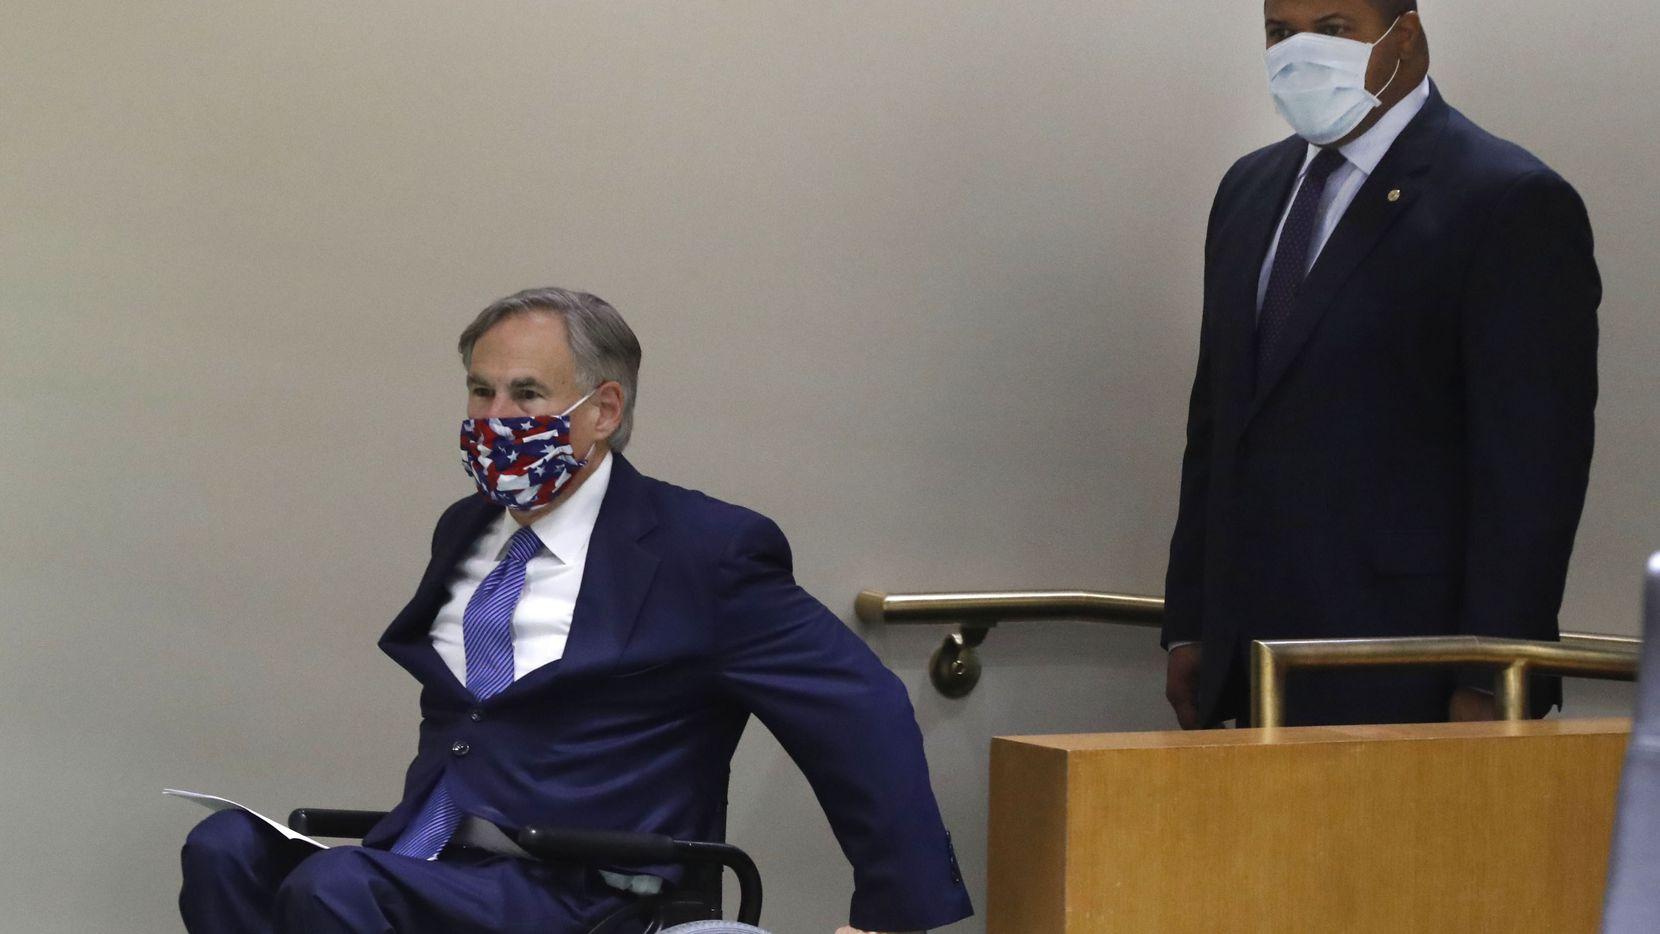 En medio de la pandemia por covid-19, el gobernador de Texas, Greg Abbott (izq.) y el alcalde de Dallas, llegaron con sus máscarillas para una rueda de prensa en Dallas, junto a autoridades de Fort Worth. Abbott se refirió a la muerte de George Floyd y las protestas que se han desatado.